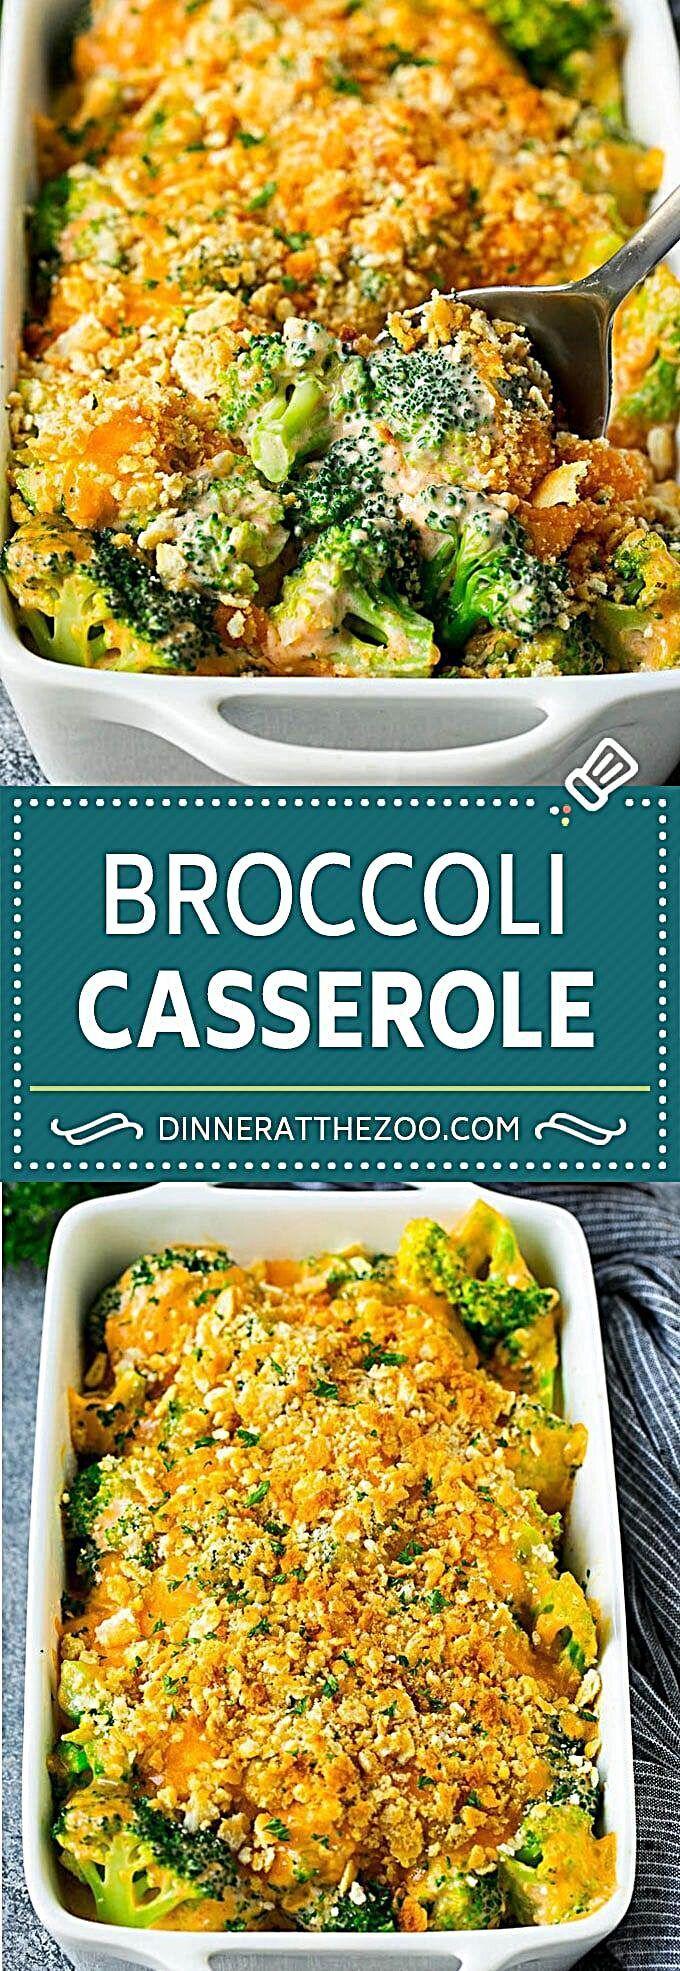 Broccoli Casserole Recipe | Broccoli and Cheese Casserole | Baked Broccoli #broccolicheesecasserole...